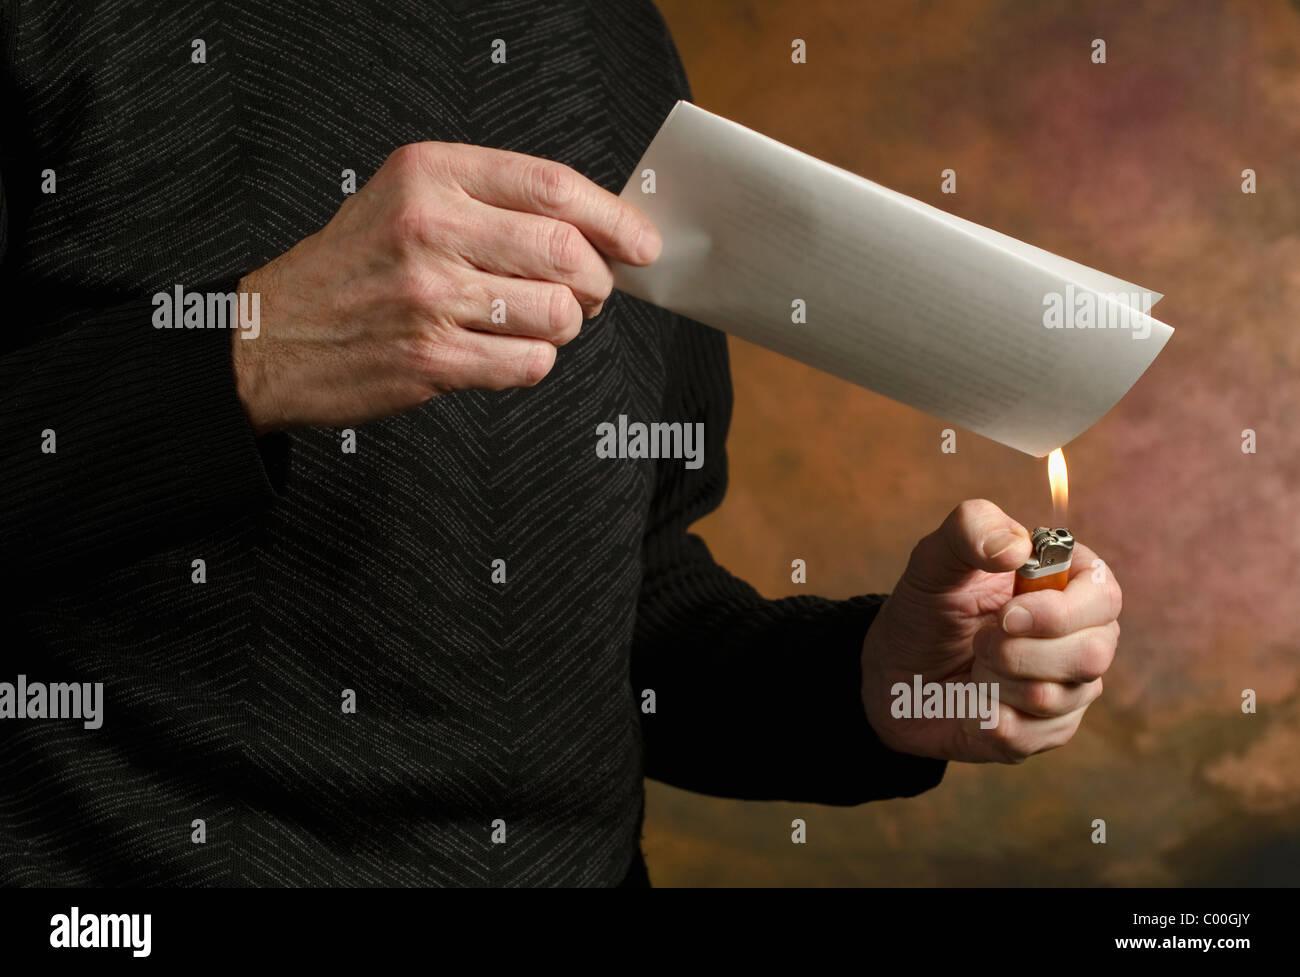 man holding butane lighter to folded document - Stock Image